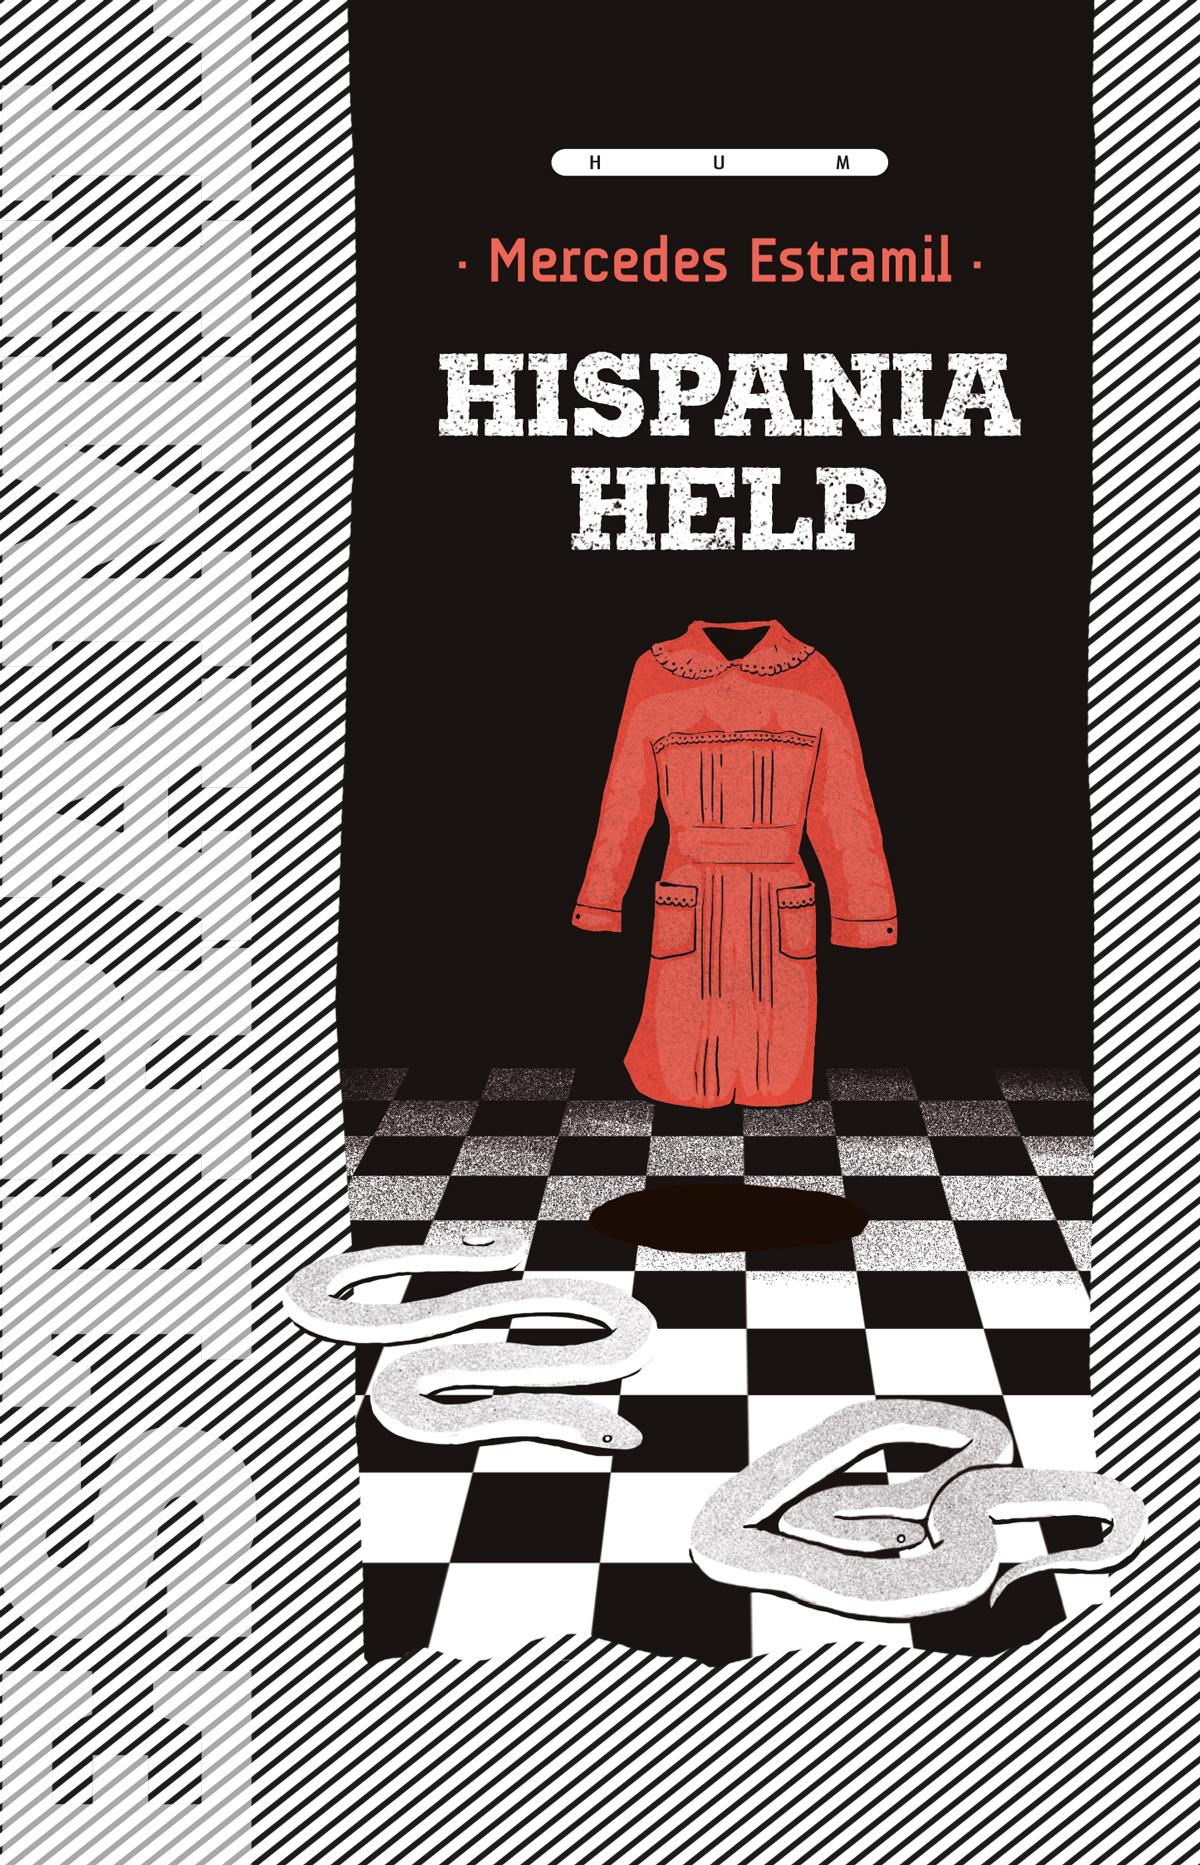 hispania-help-tapa